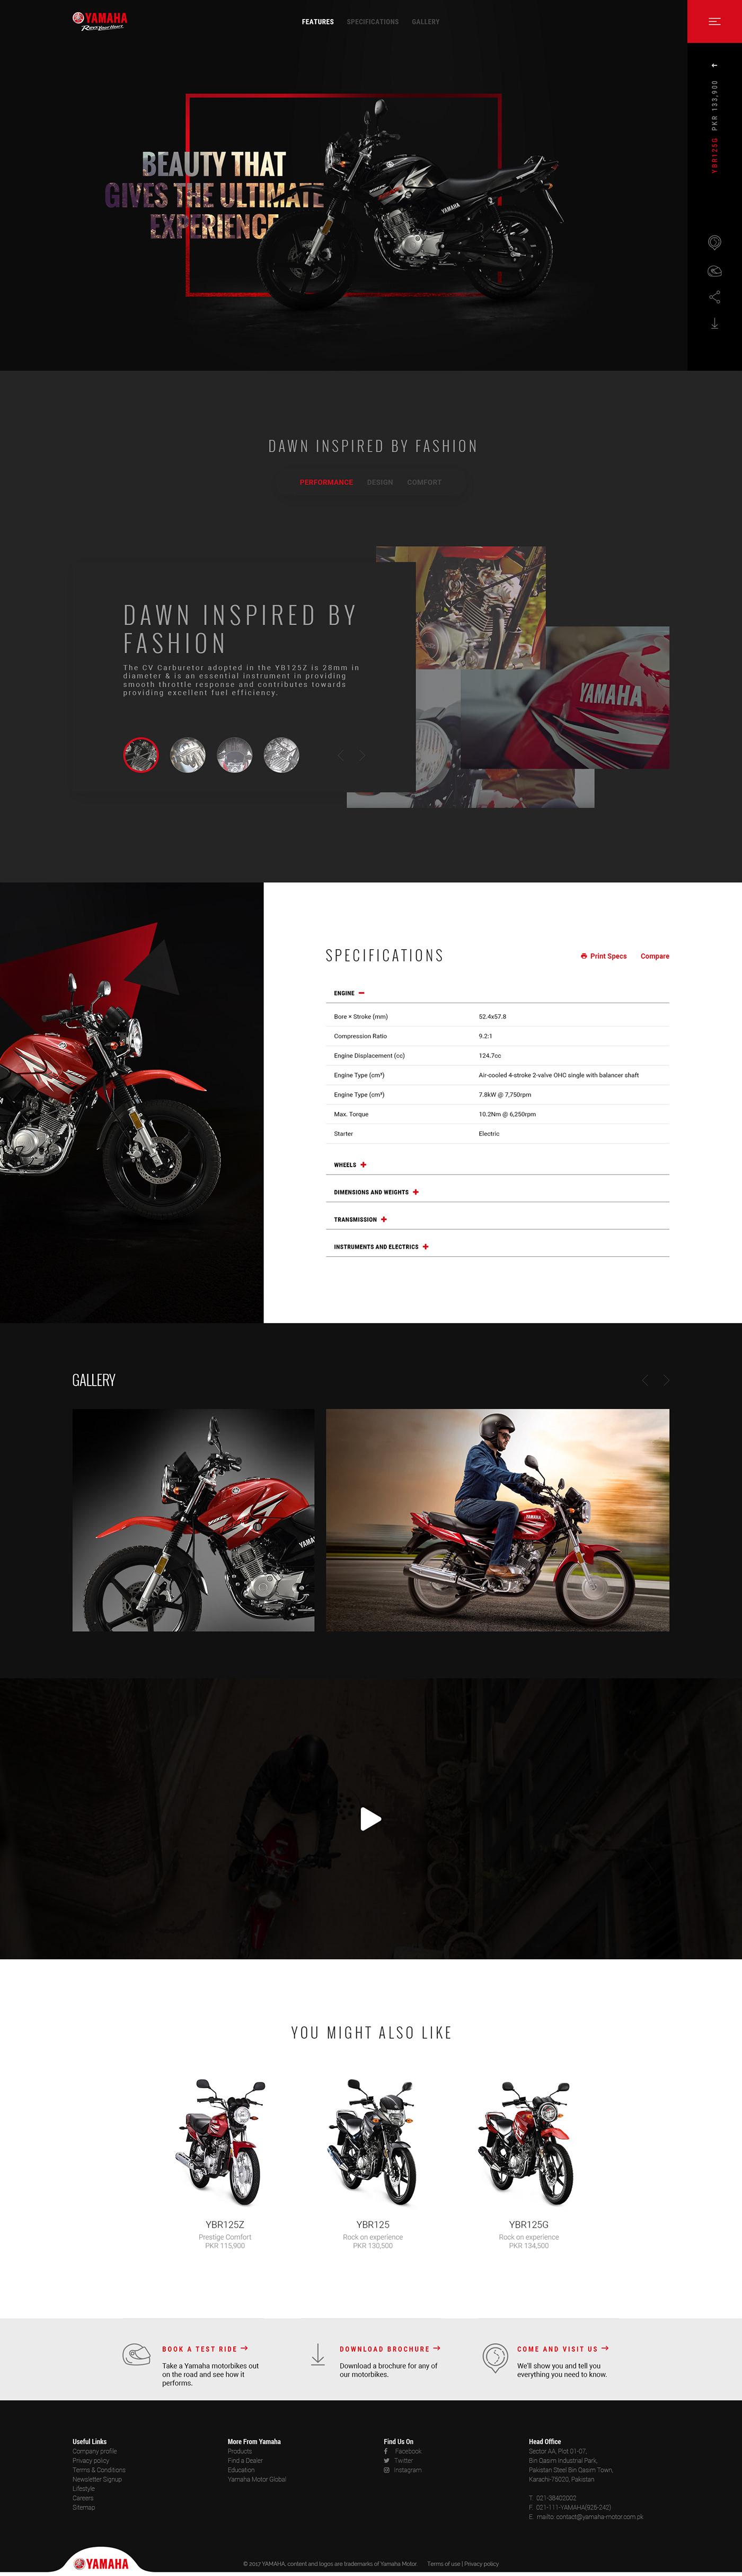 design Interface interface design Web Design  Website Website Design Website Interface Website Interface Design